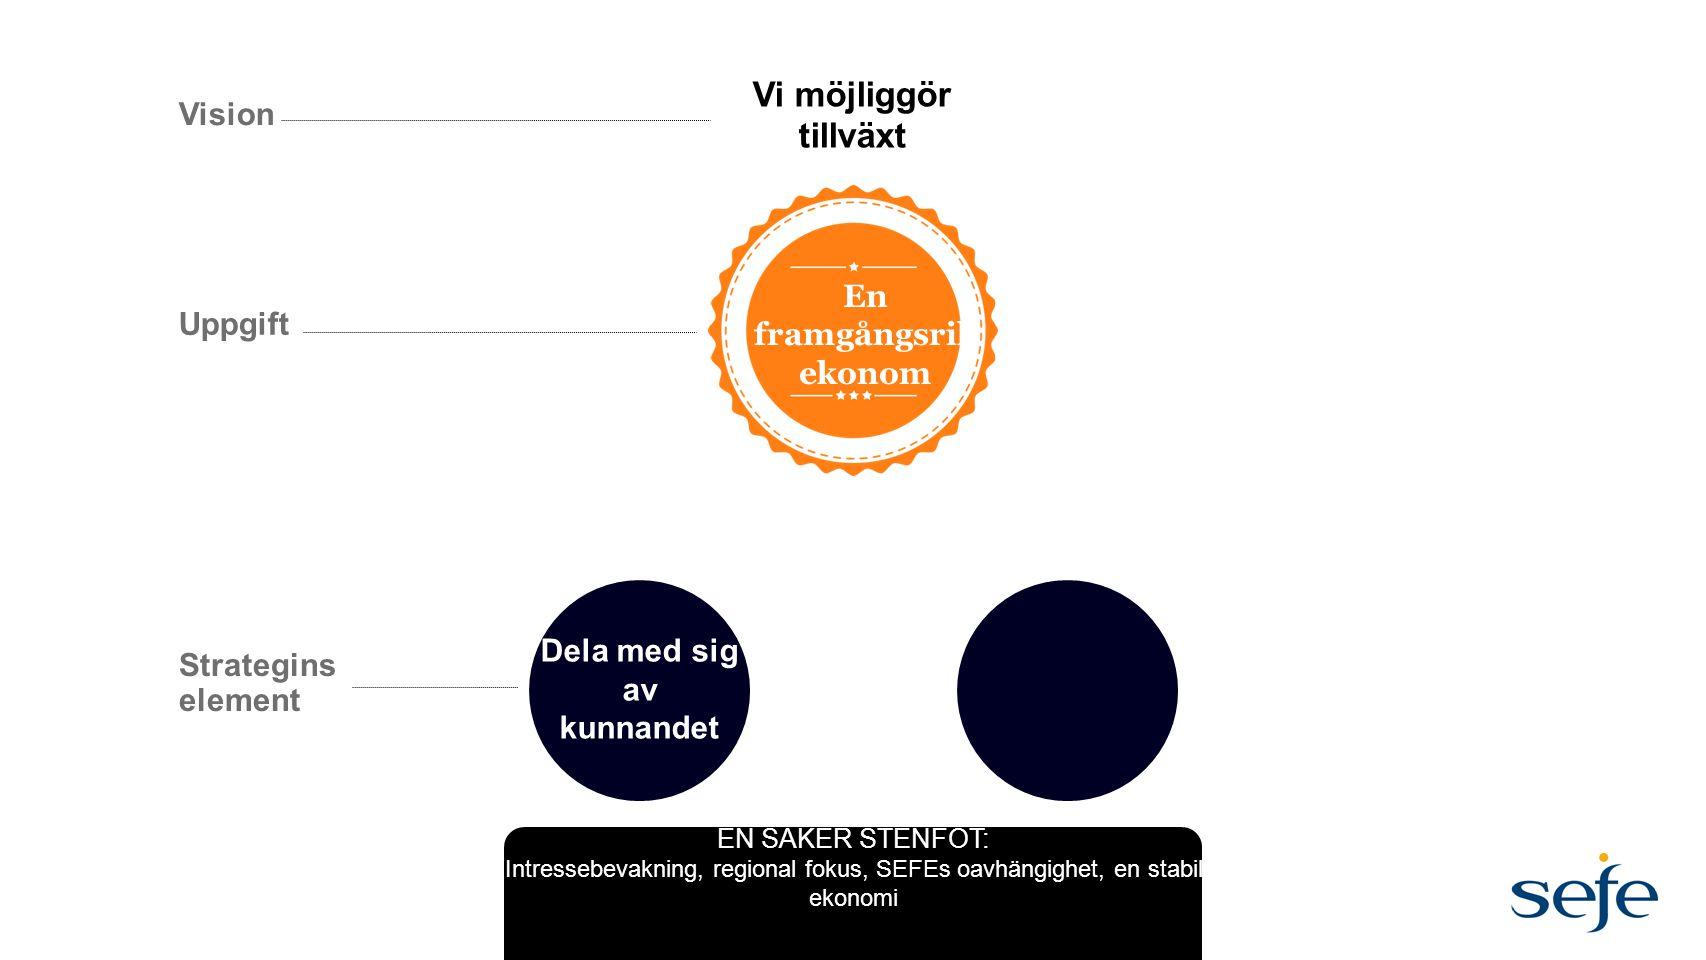 Dela med sig av kunnandet Uppgift Vision Strategins element Vi möjliggör tillväxt En framgångsrik ekonom EN SÄKER STENFOT: Intressebevakning, regional